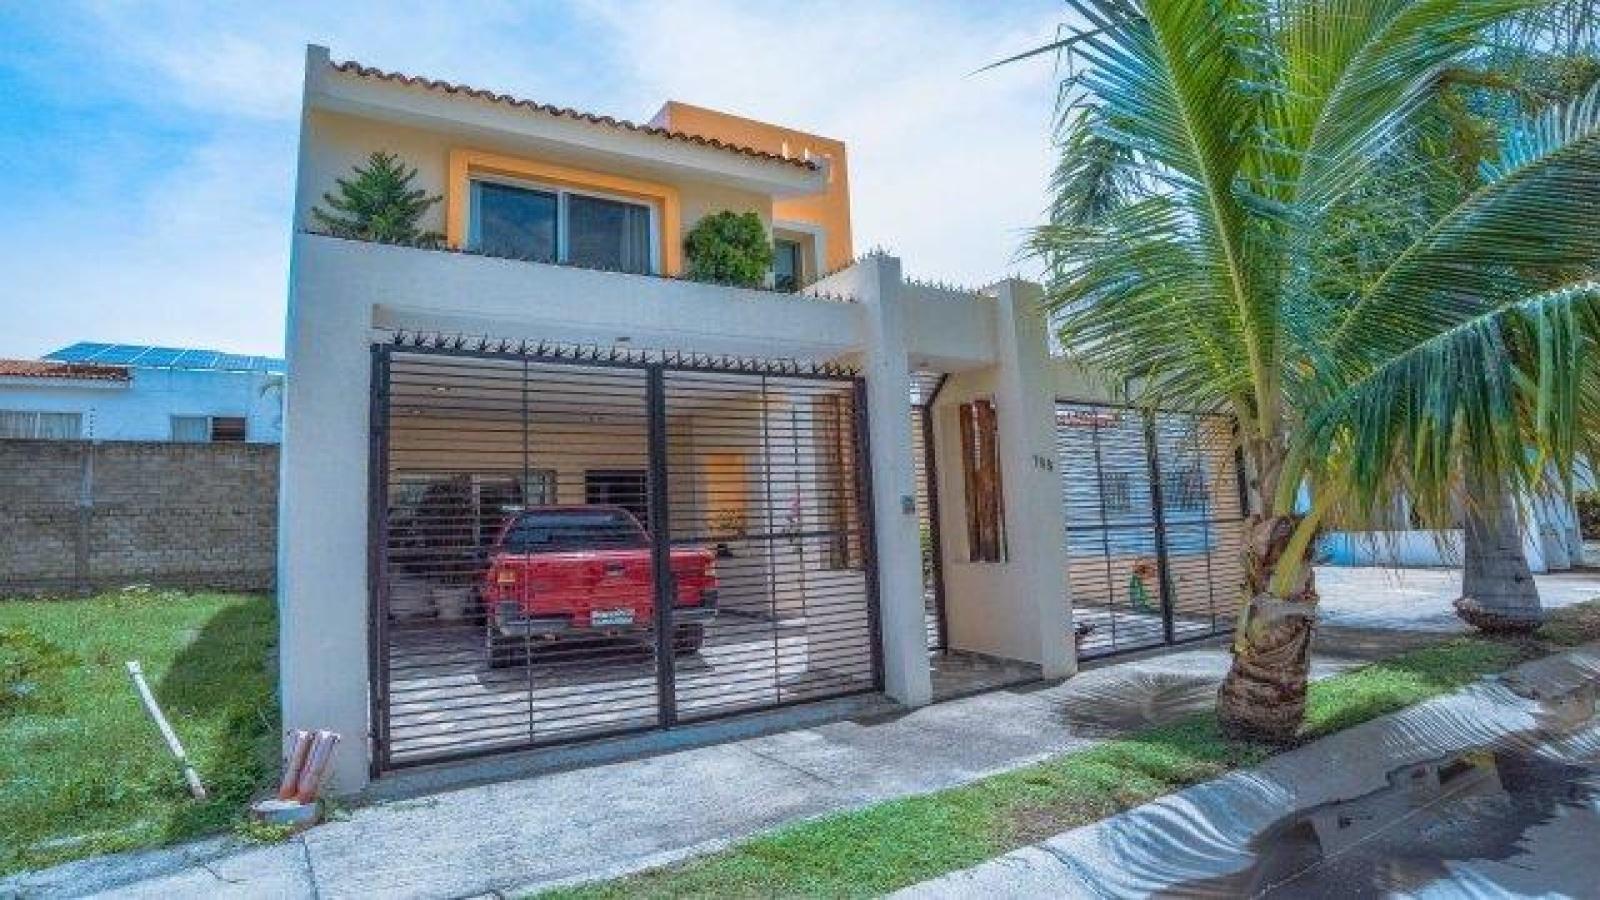 House in Fluvial Puerto Vallarta